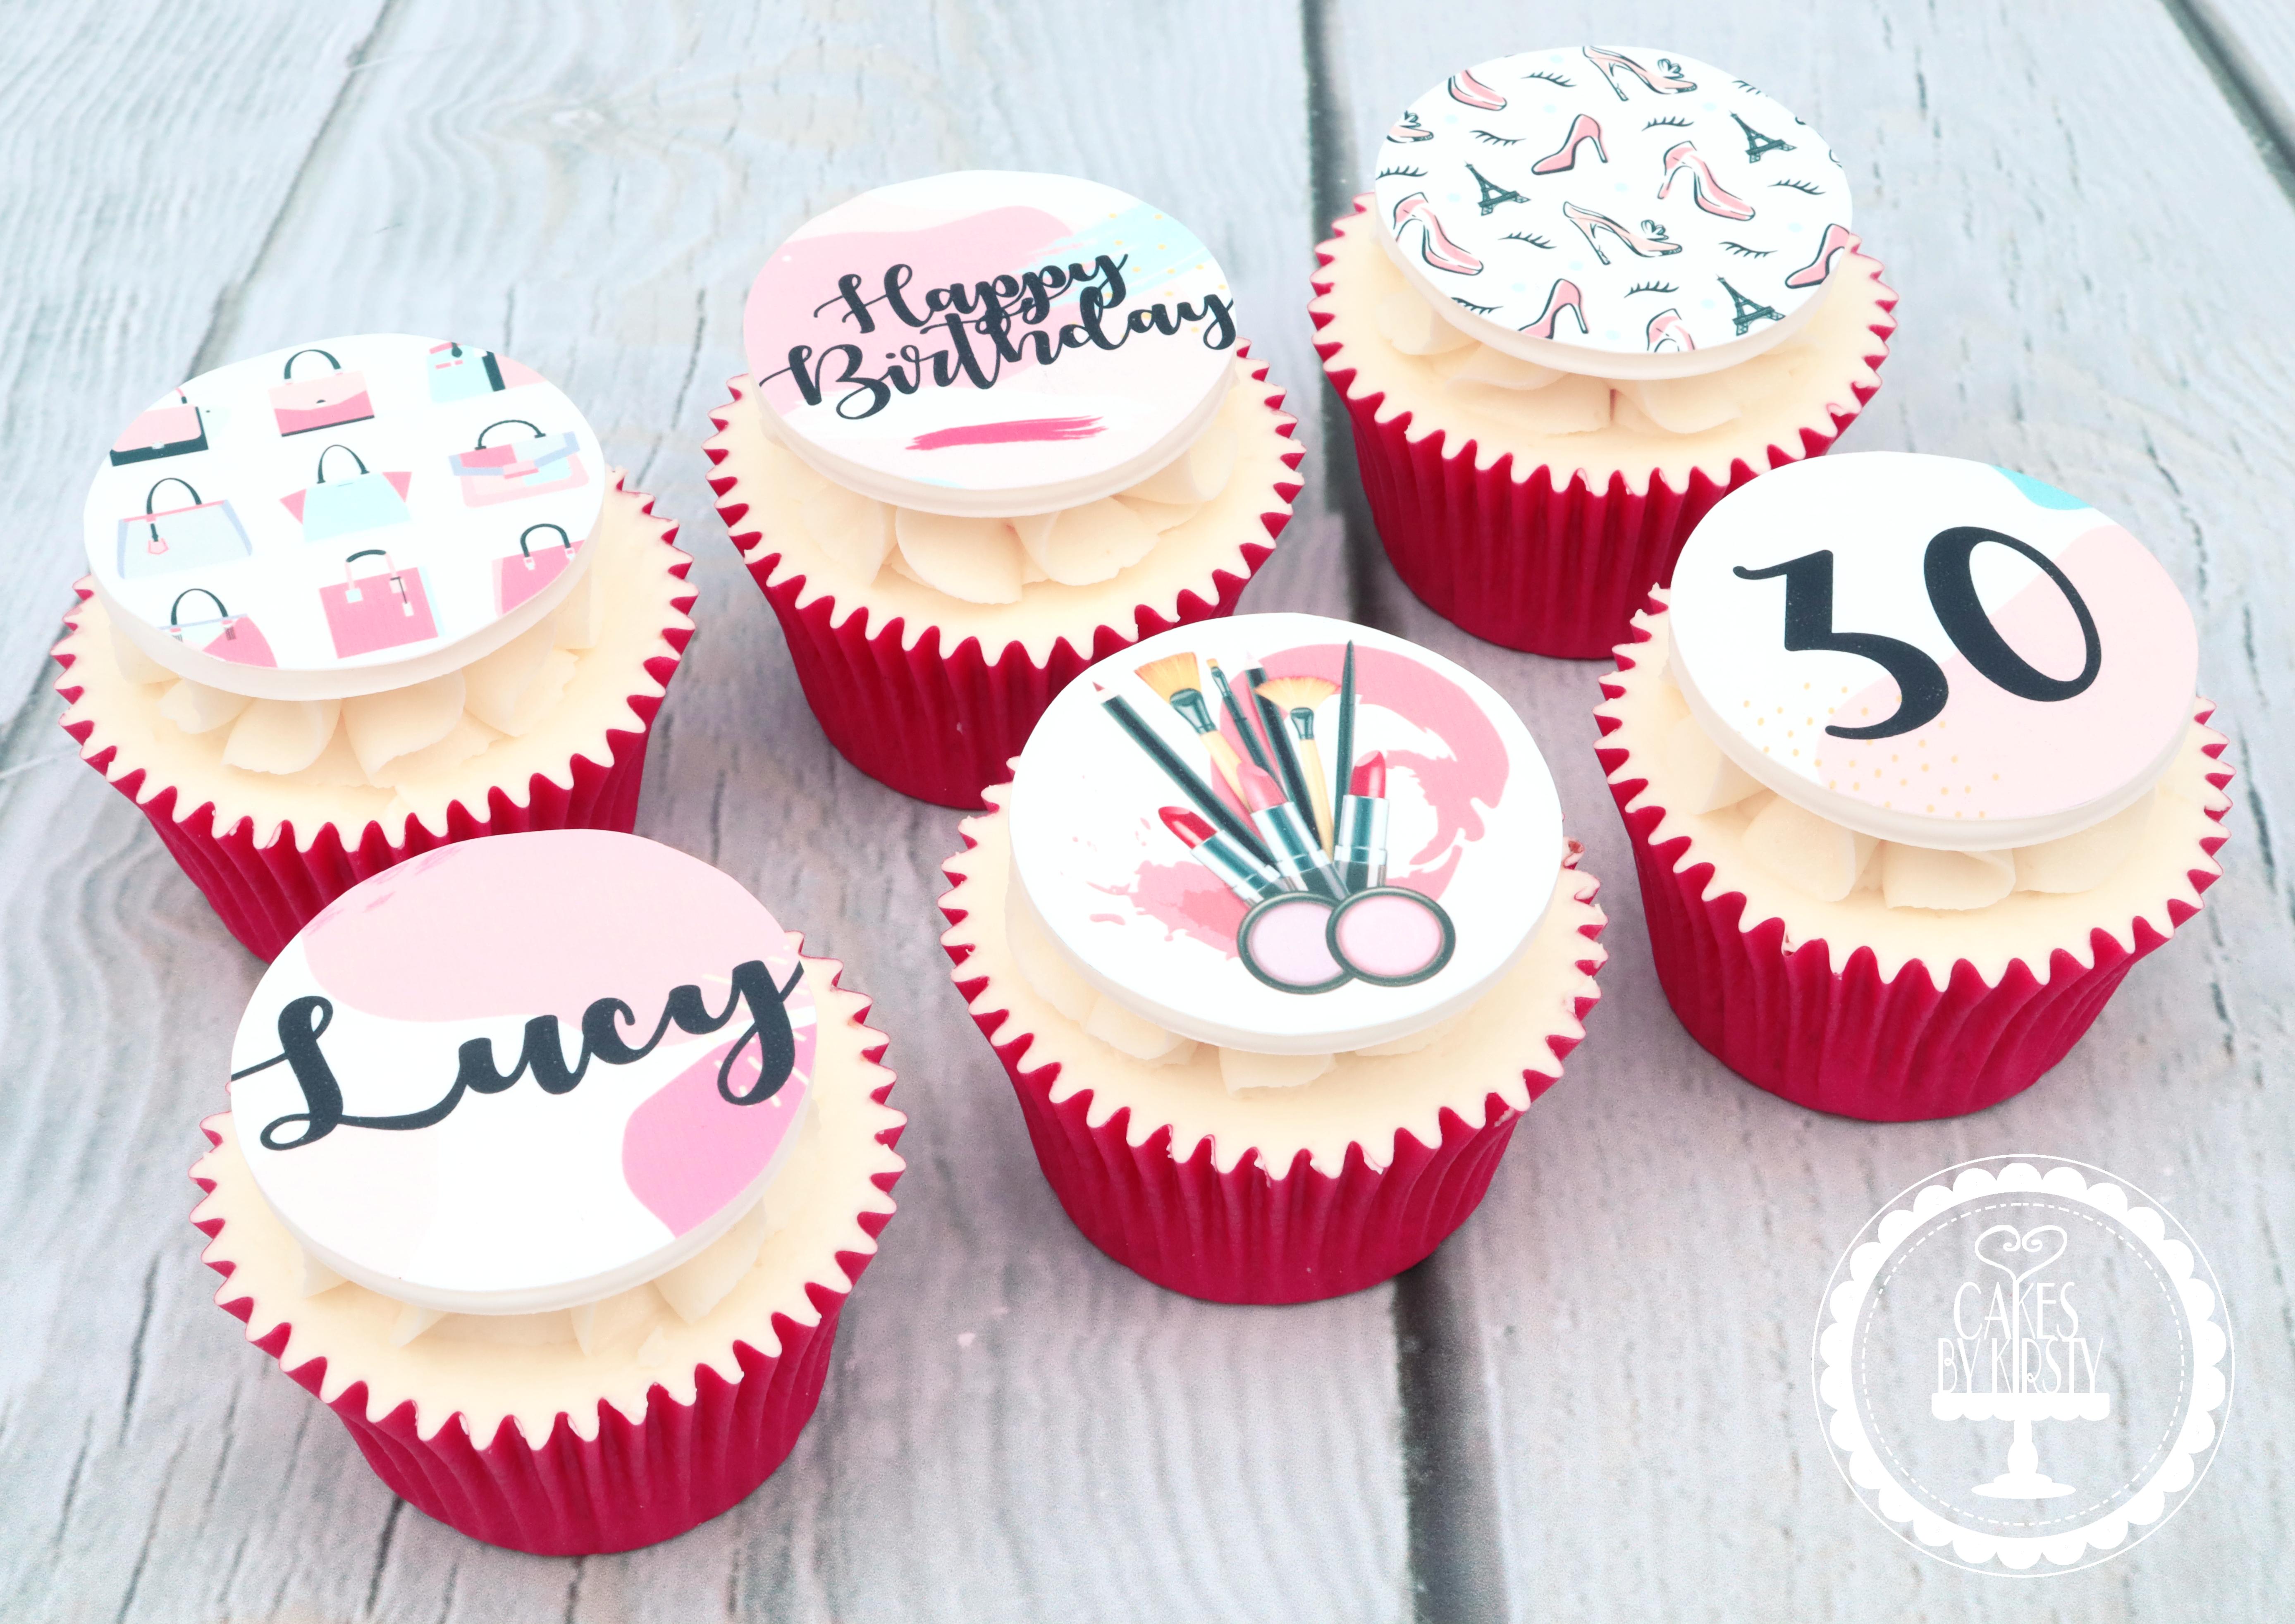 20190820 - Make Up Cupcakes